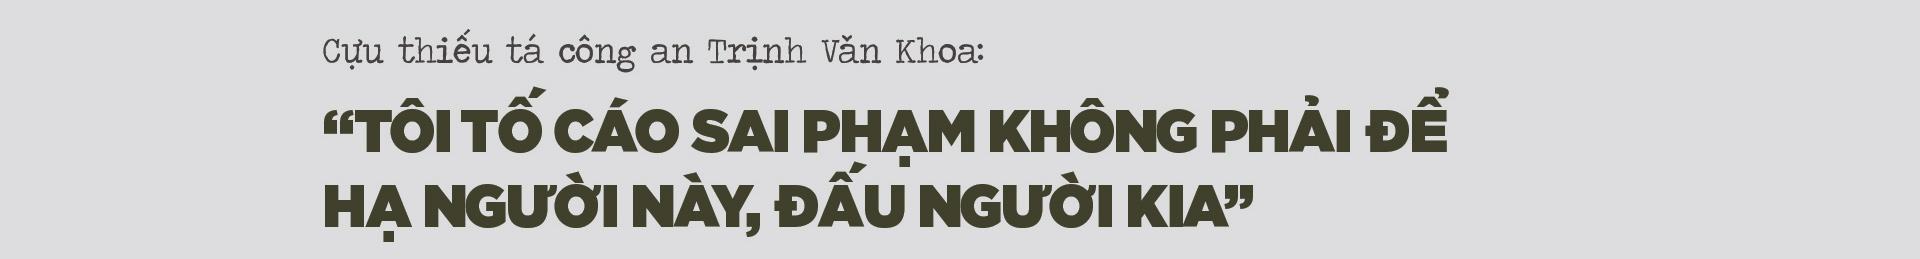 """Bố mẹ cựu thiếu tá công an Trịnh Văn Khoa: """"Gia đình tôi tiếc và lo lắm, nhưng rất tự hào về Khoa"""" - Ảnh 14."""